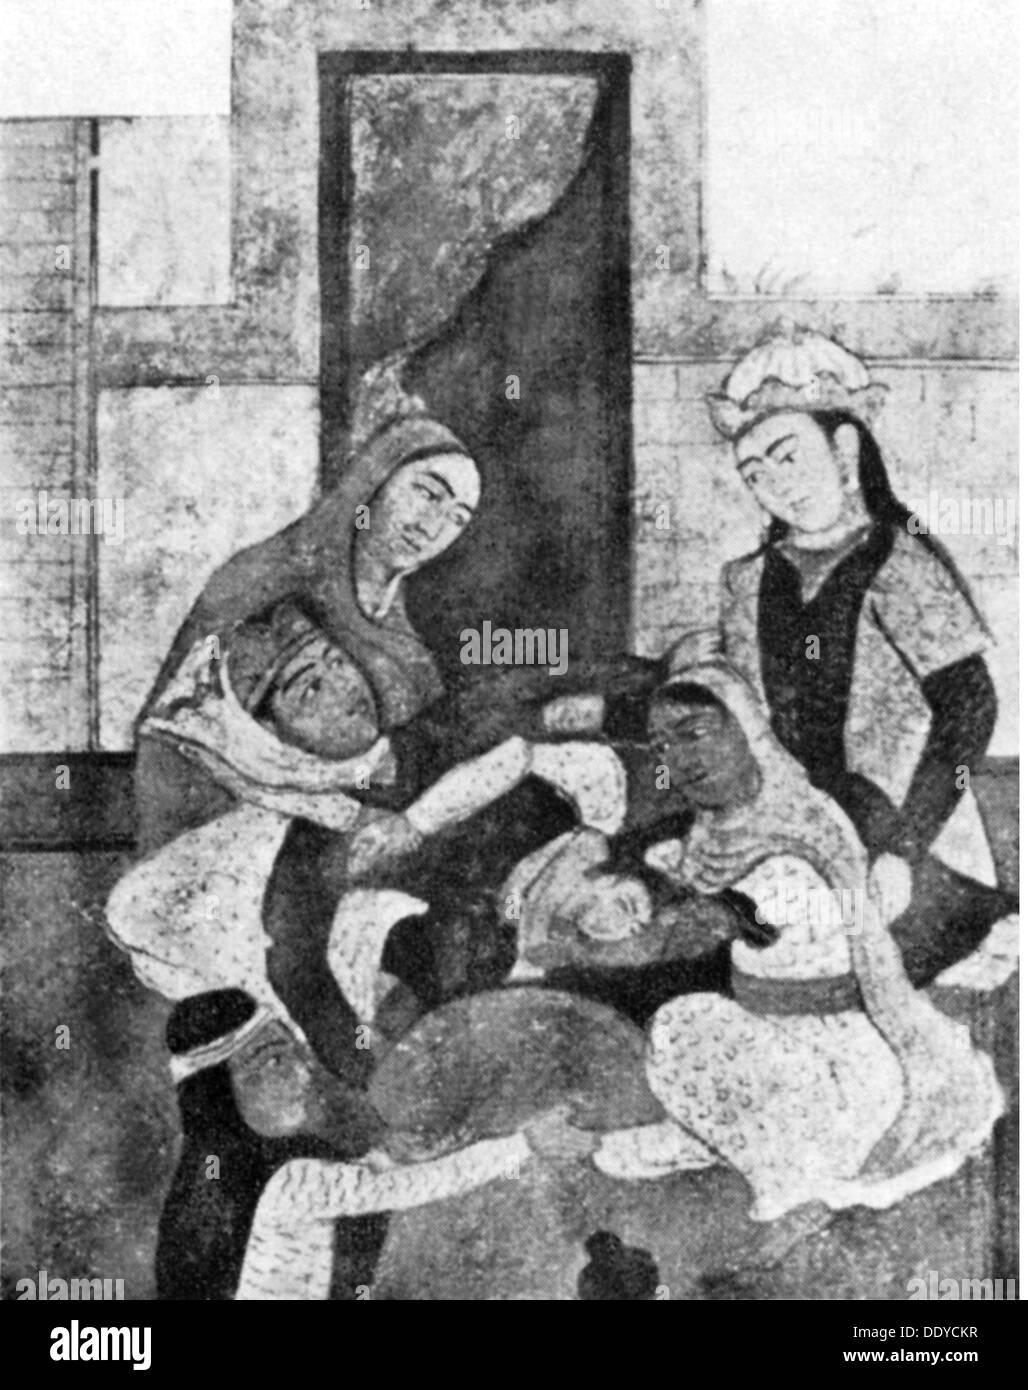 El nacimiento de la medicina / ginecología nacer con cuatro matronas aprovechando una oevre por Ferdowsi (940 Imagen De Stock